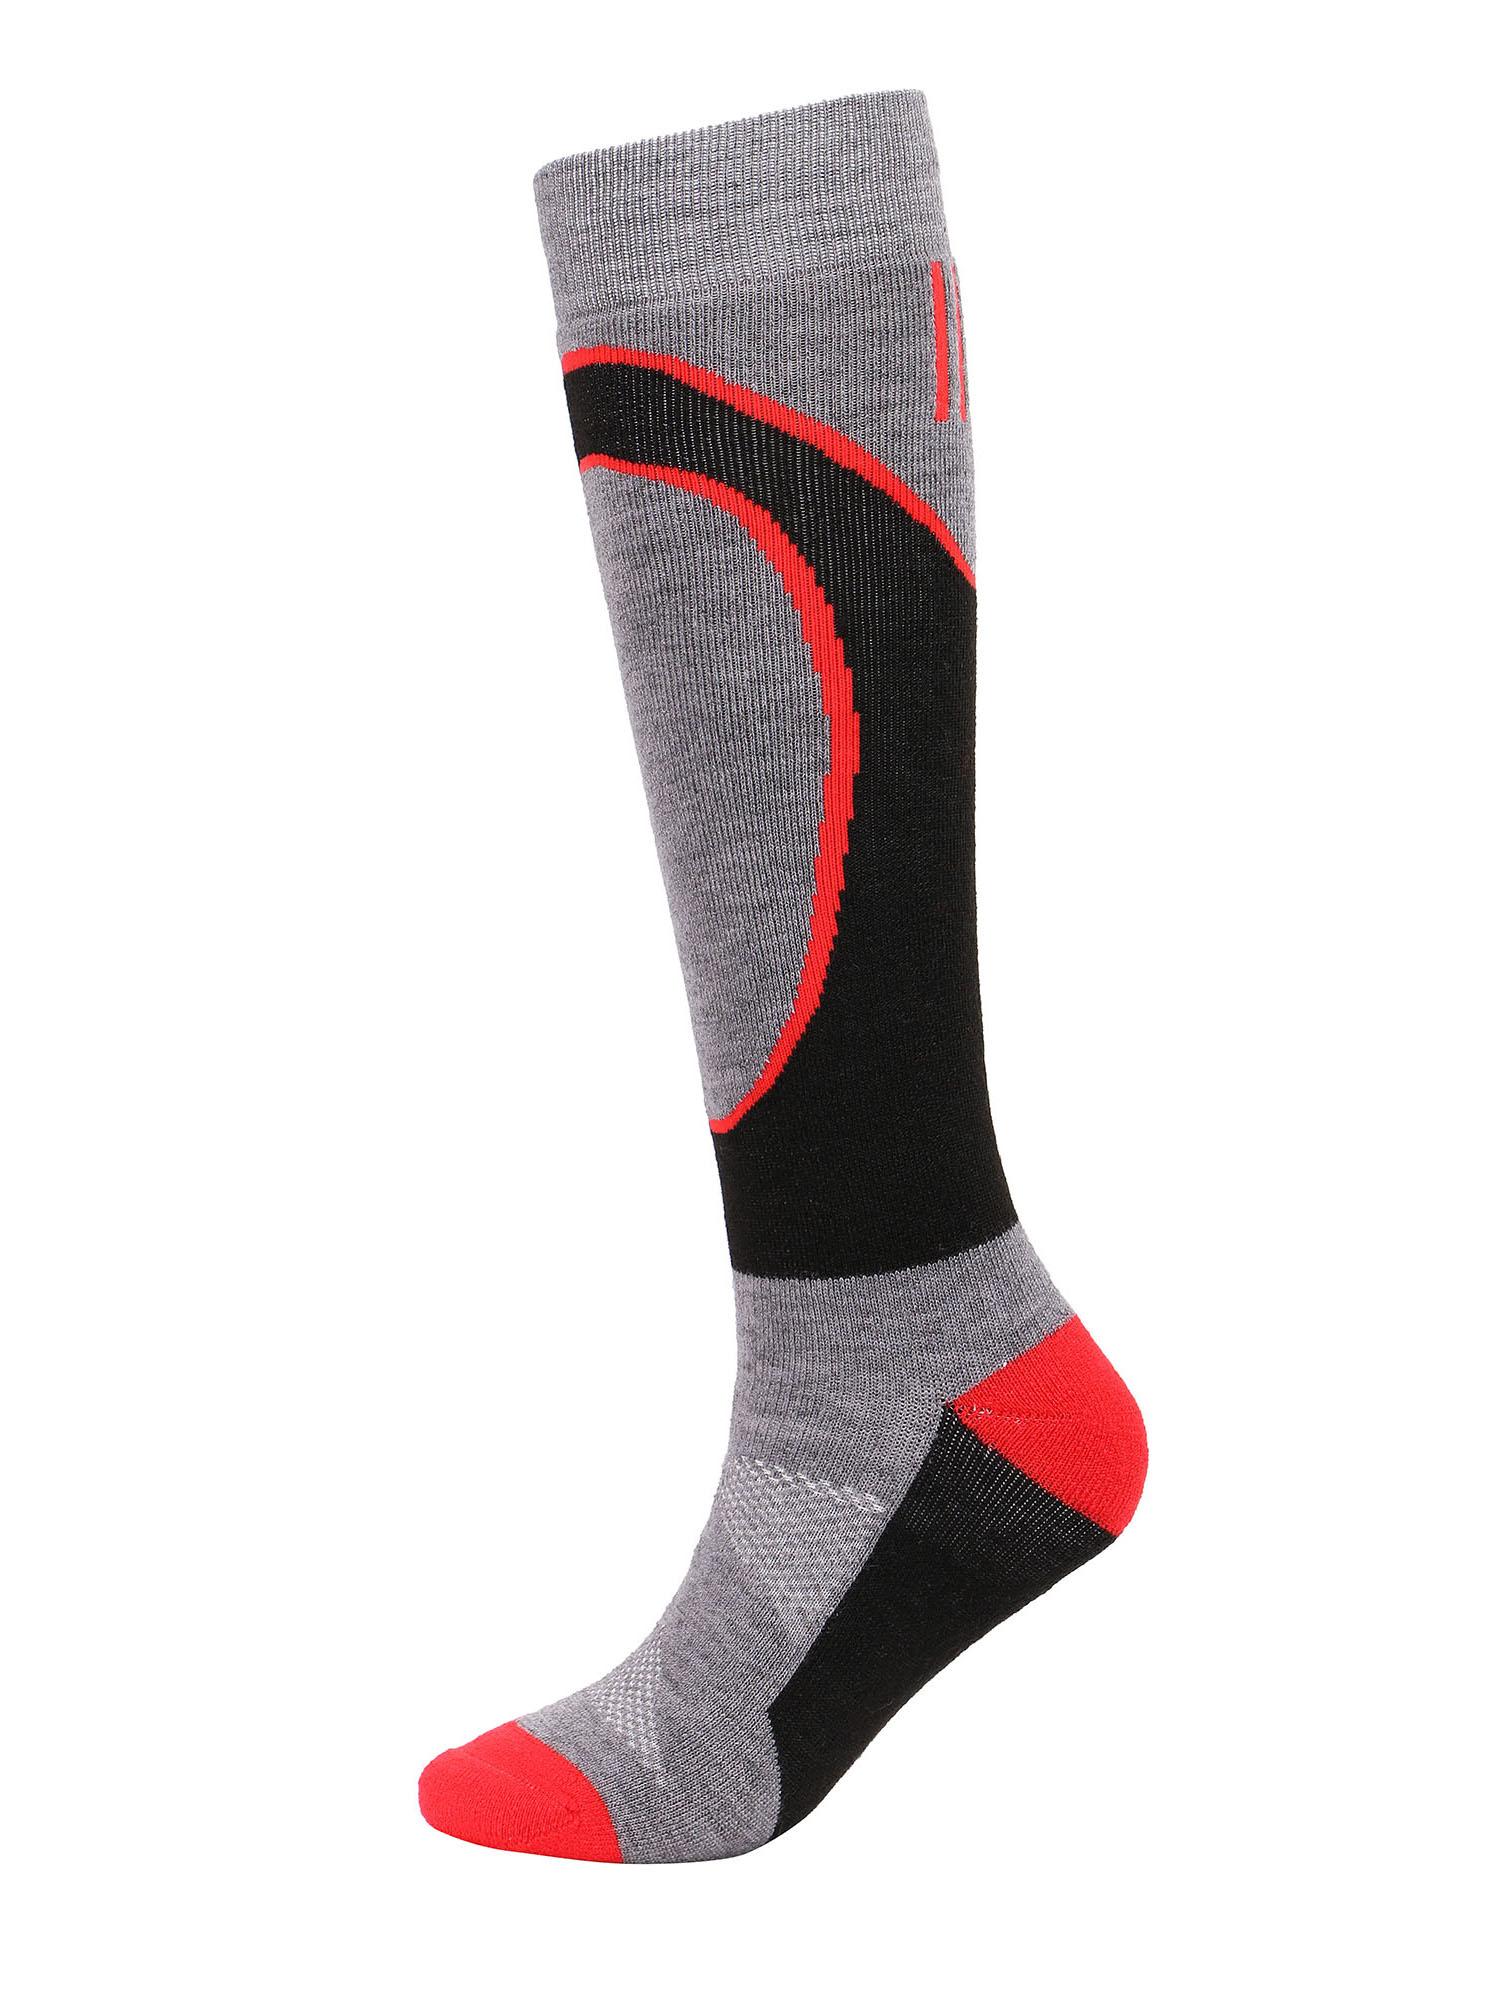 Kids'Merino Wool Ski Socks w/ Moisture-Wicking Full Terry Interior